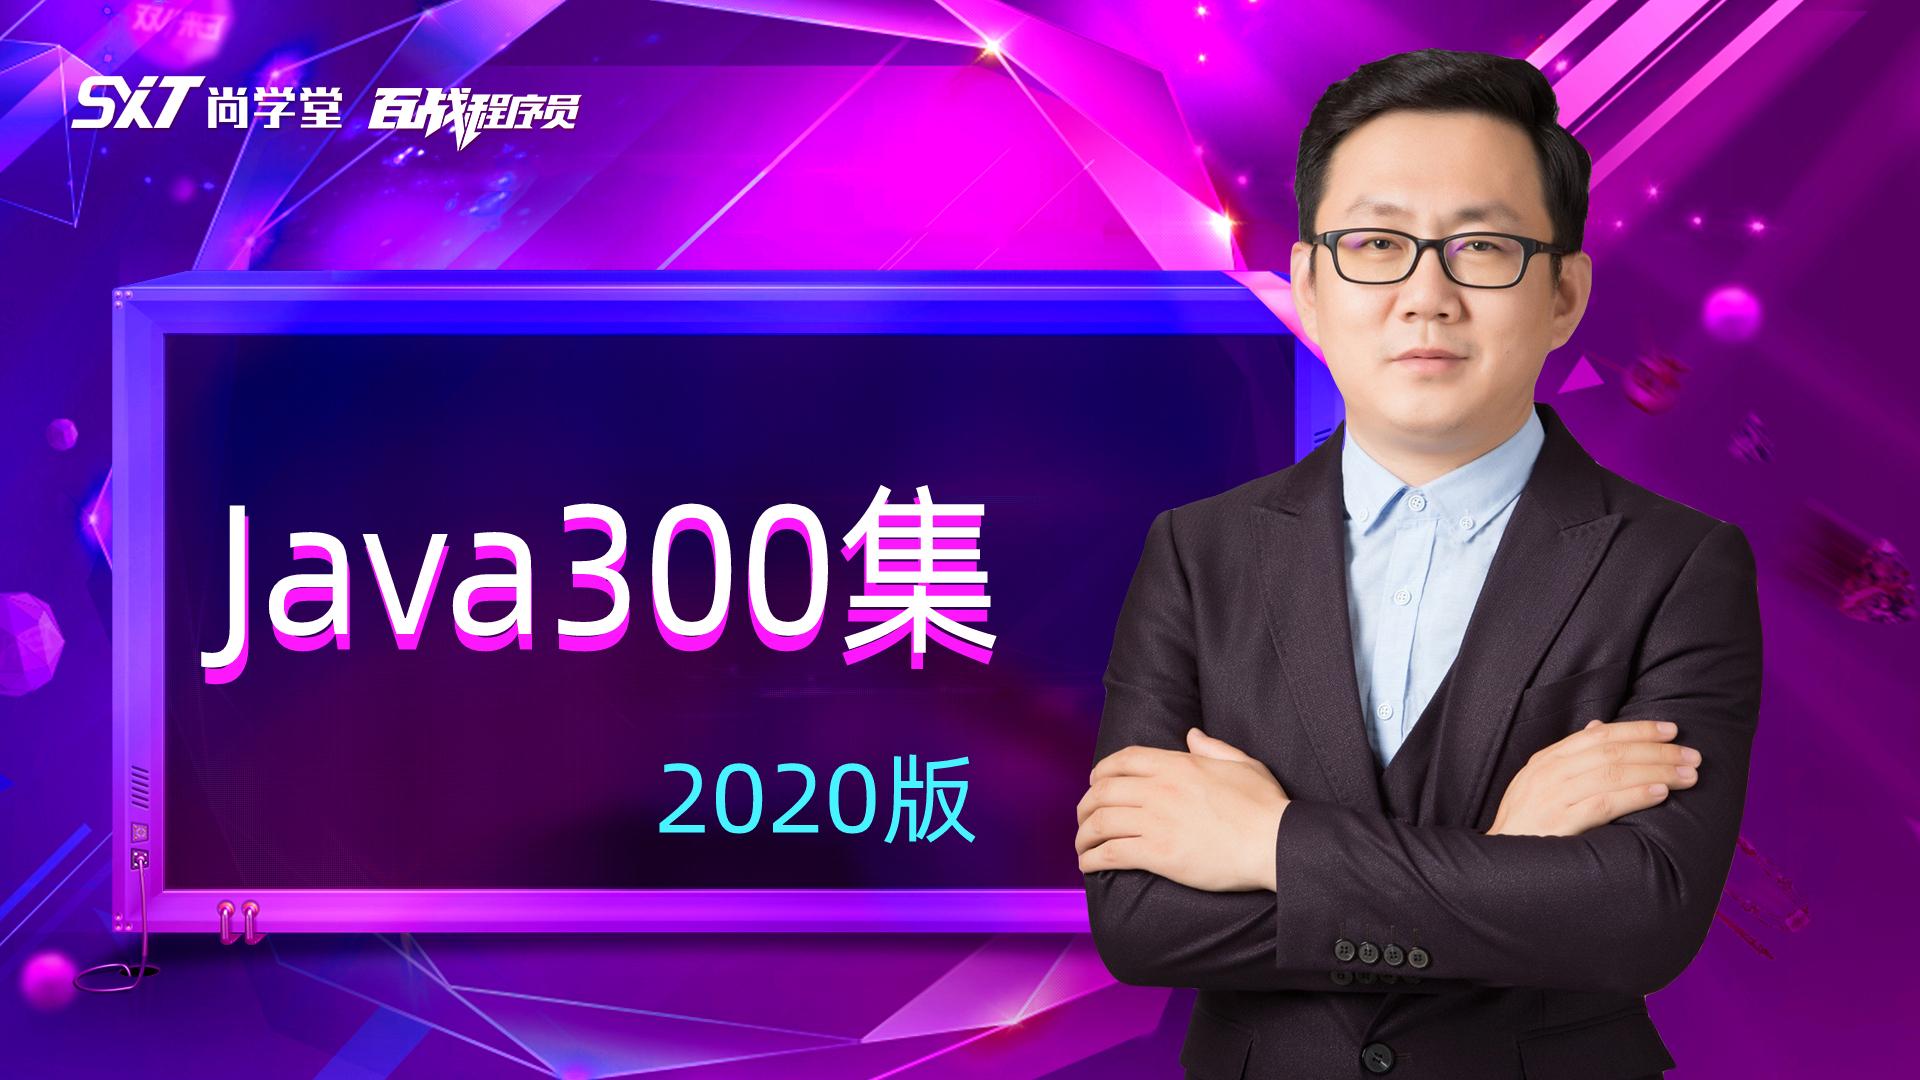 【尚学堂·百战程序员】JAVA300集2020版第一季整合